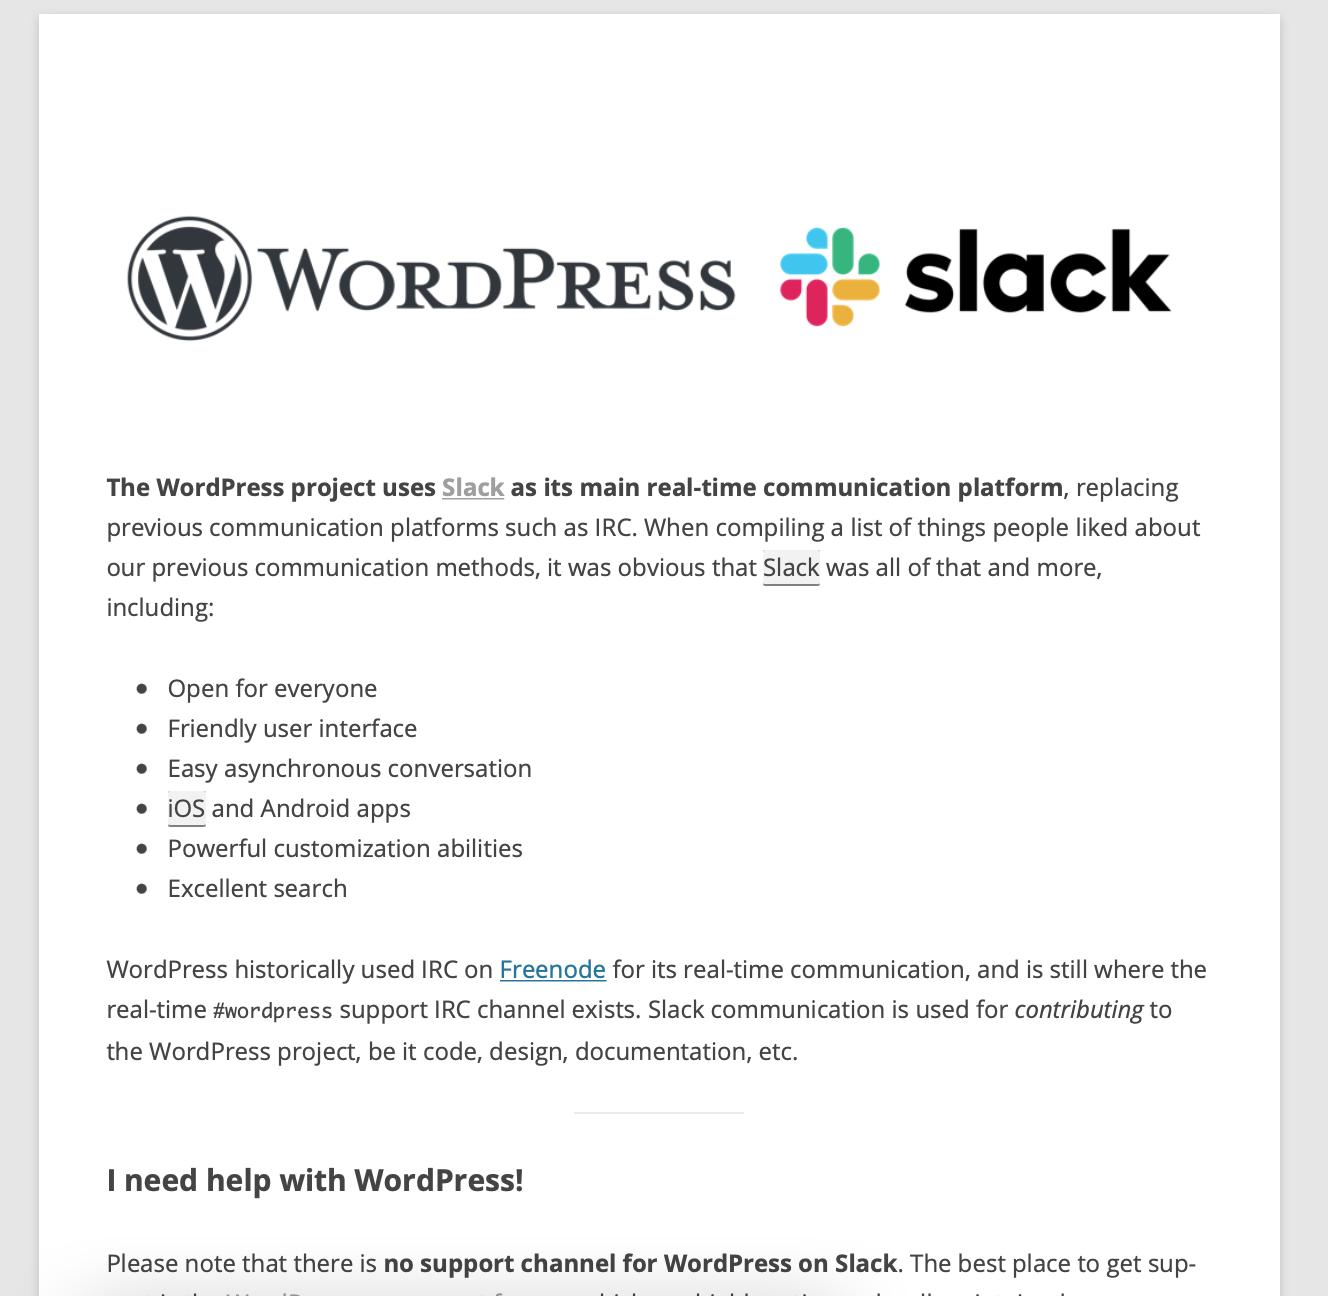 Slack and WordPress splash page